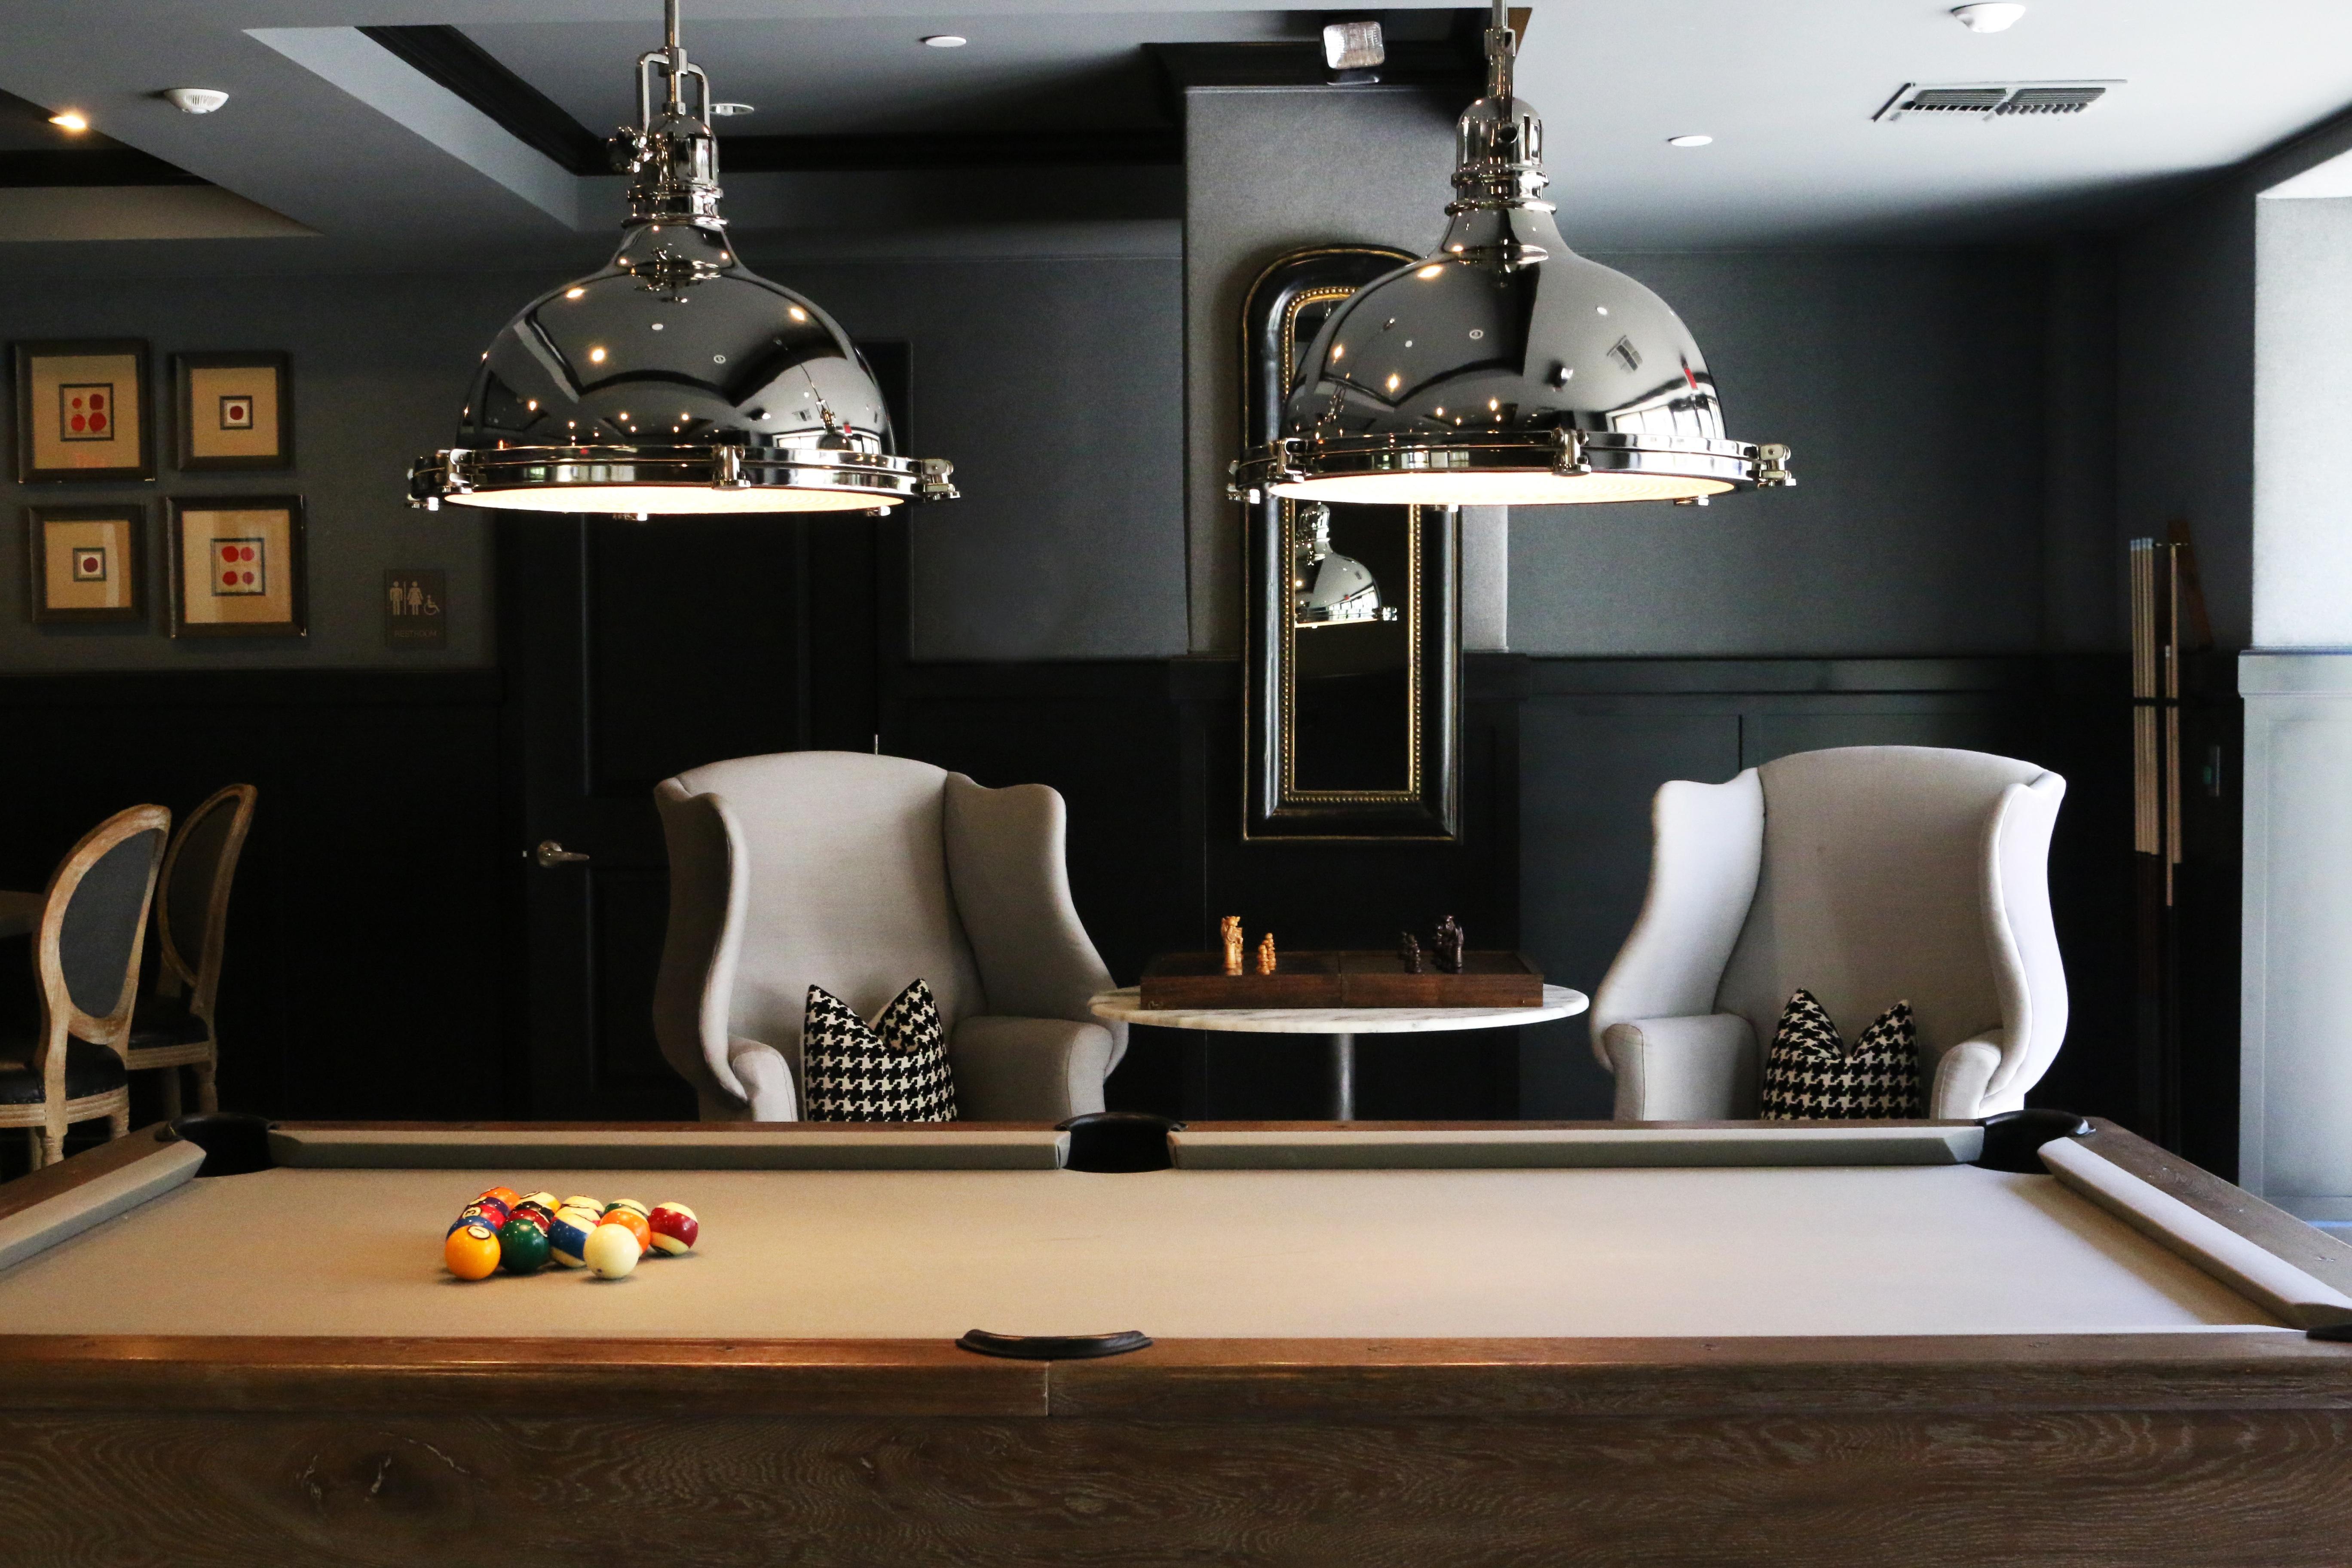 images gratuites : lumière, chaise, sol, maison, plafond, salon